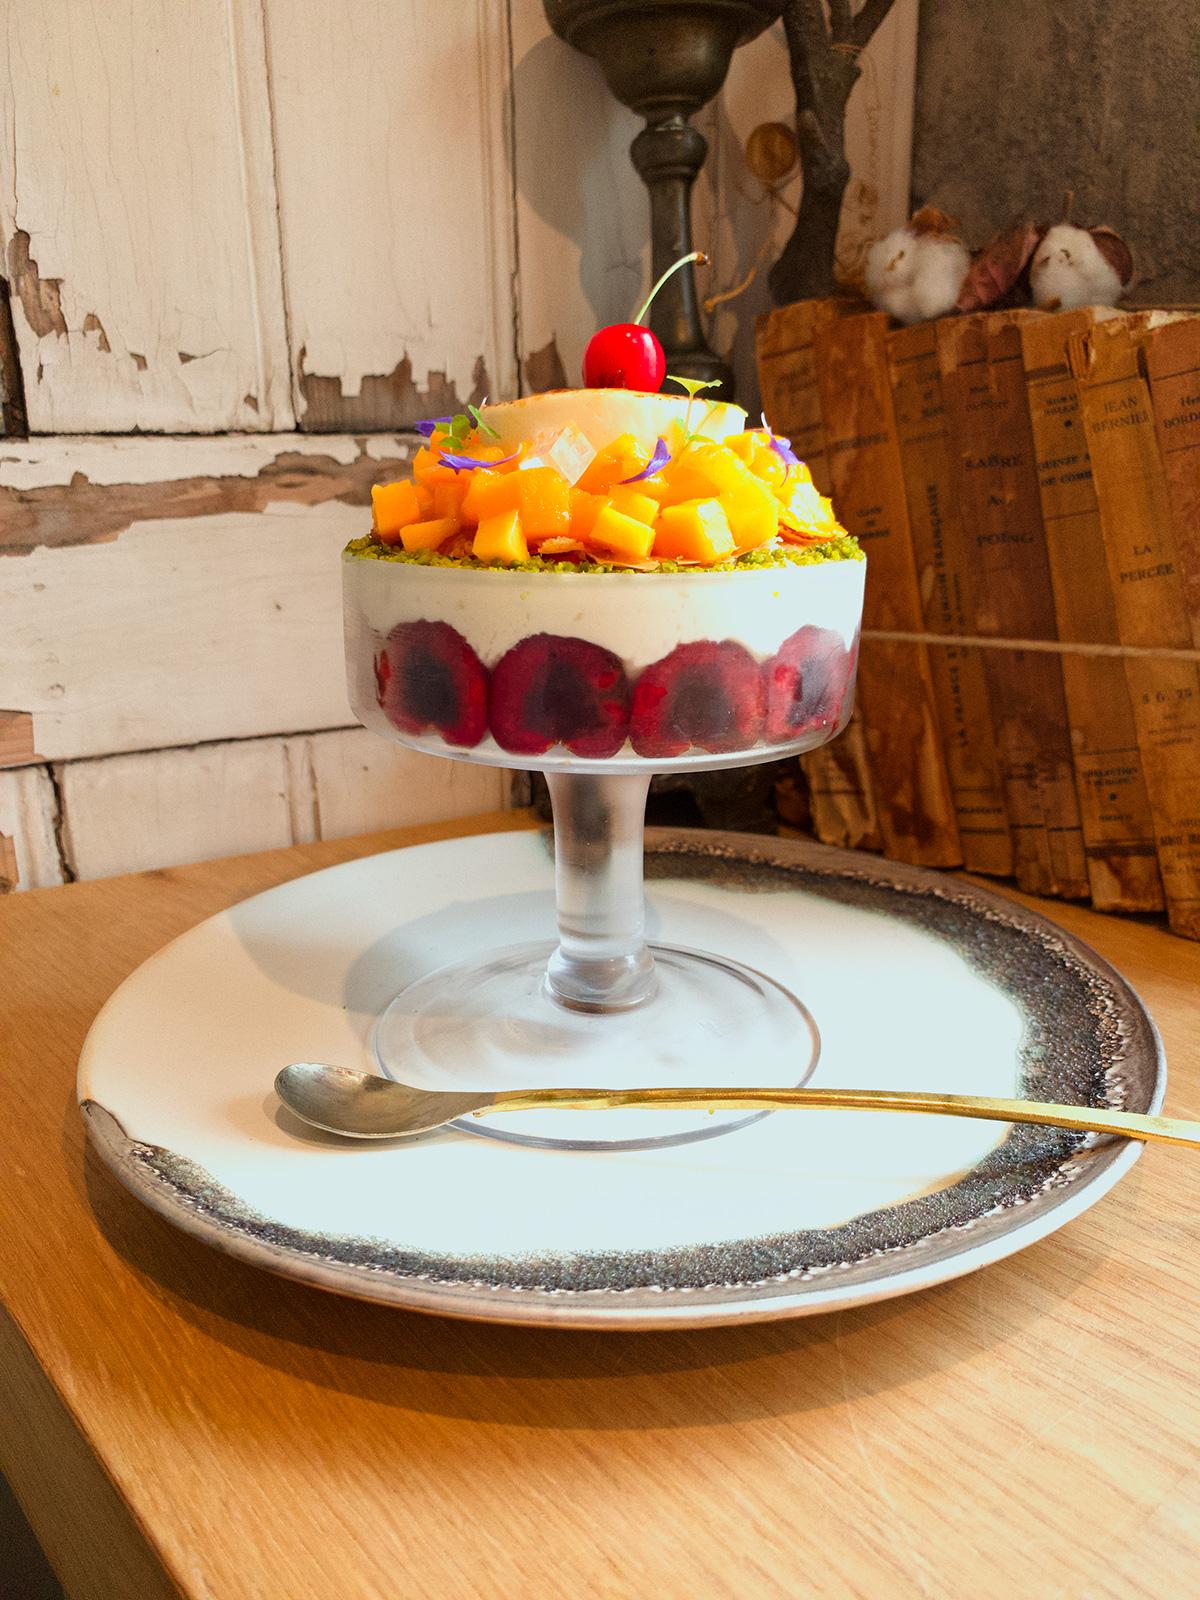 ジャスミン香る宮崎マンゴーと青森さくらんぼのピュイダムール仕立て  杏仁とフランボワーズ風味